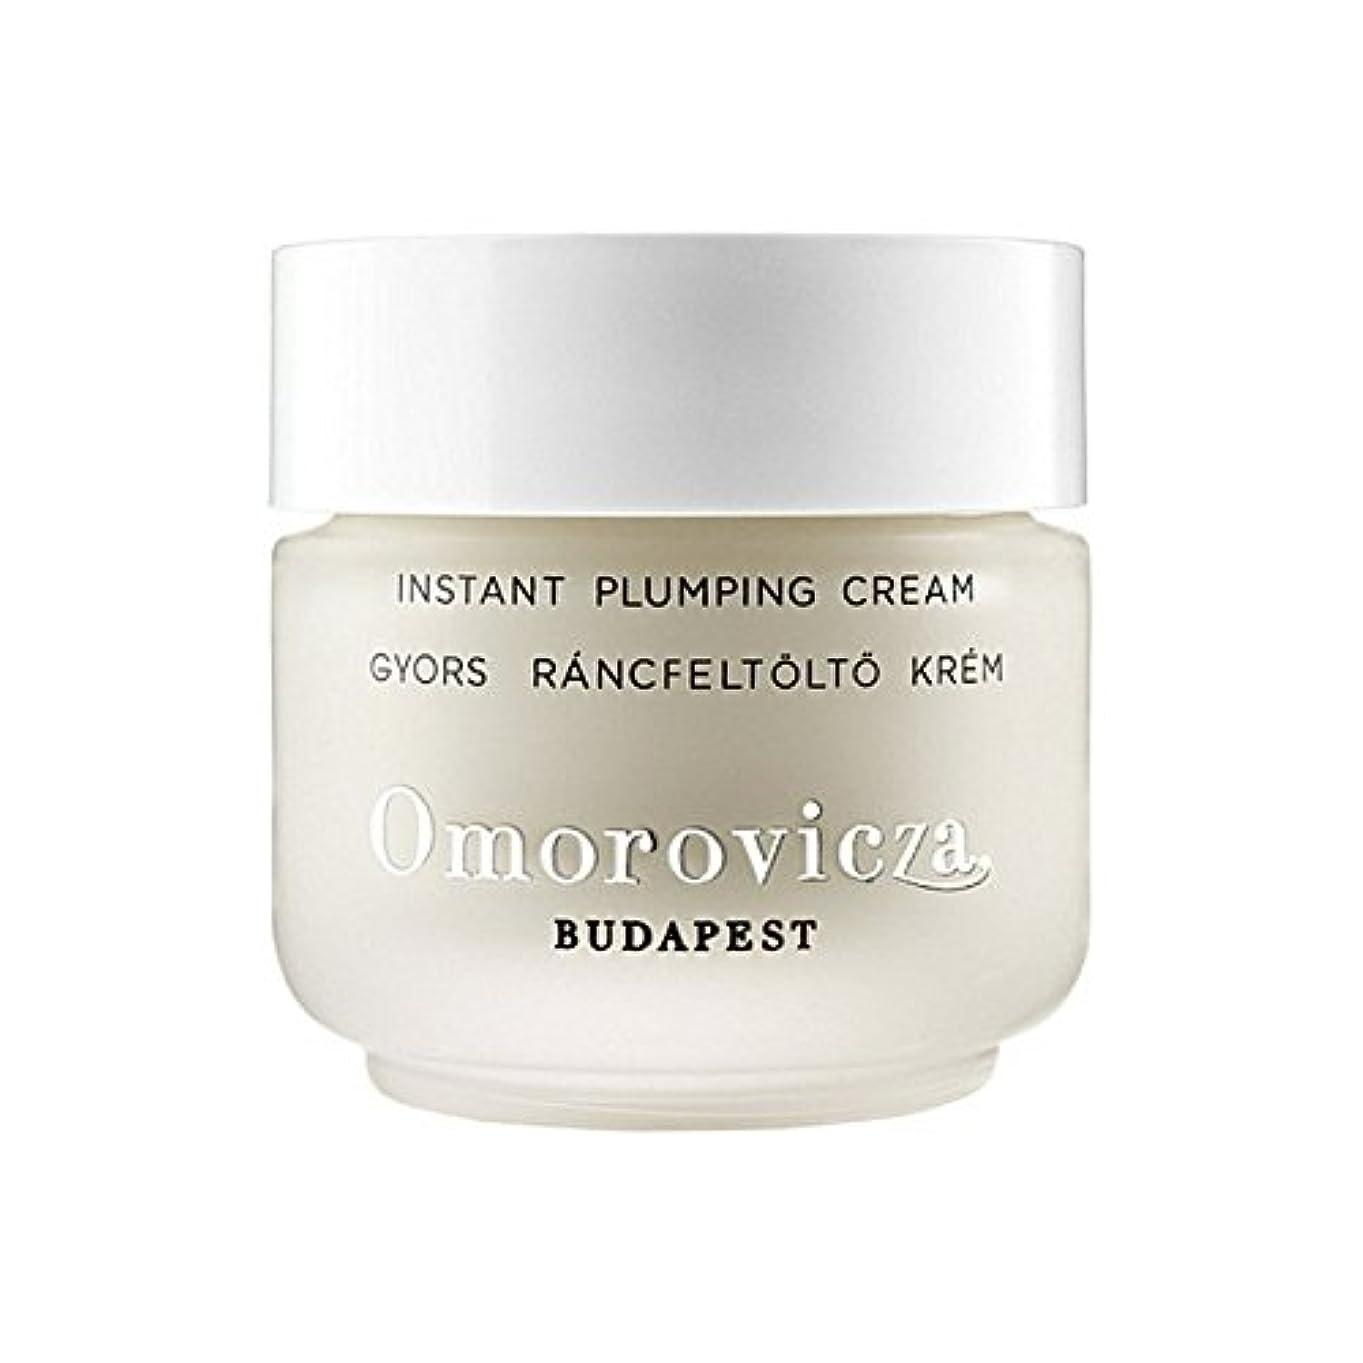 ホーム法律により容器インスタント膨化クリーム50 x2 - Omorovicza Instant Plumping Cream 50Ml (Pack of 2) [並行輸入品]